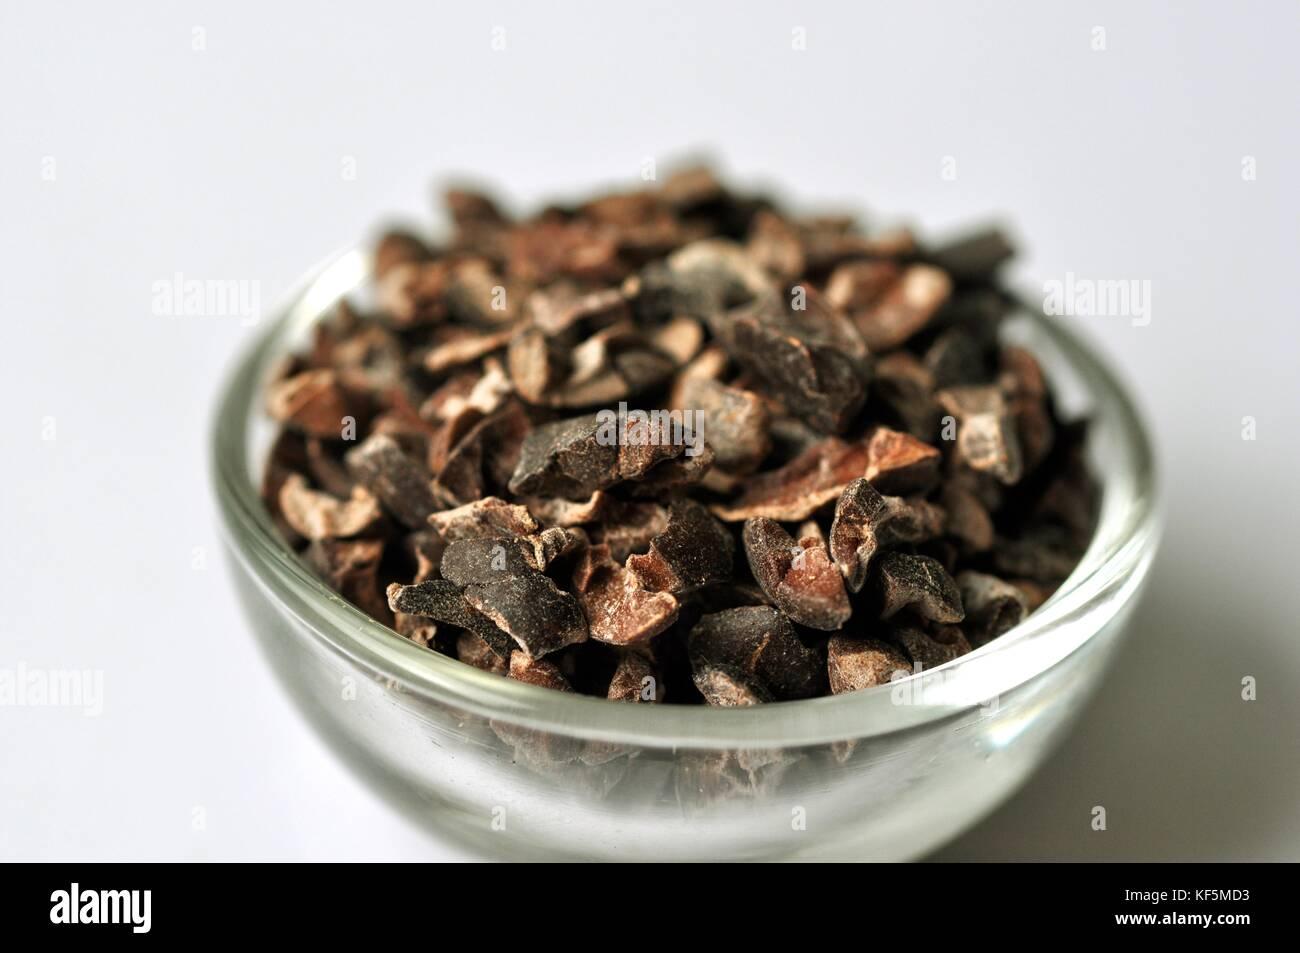 Rohe cacao Bohne (Theobroma cacao) Federn in eine Glasschüssel, isoliert auf Weiss. Nahrhafte Nahrungsergänzungsmittel Stockbild